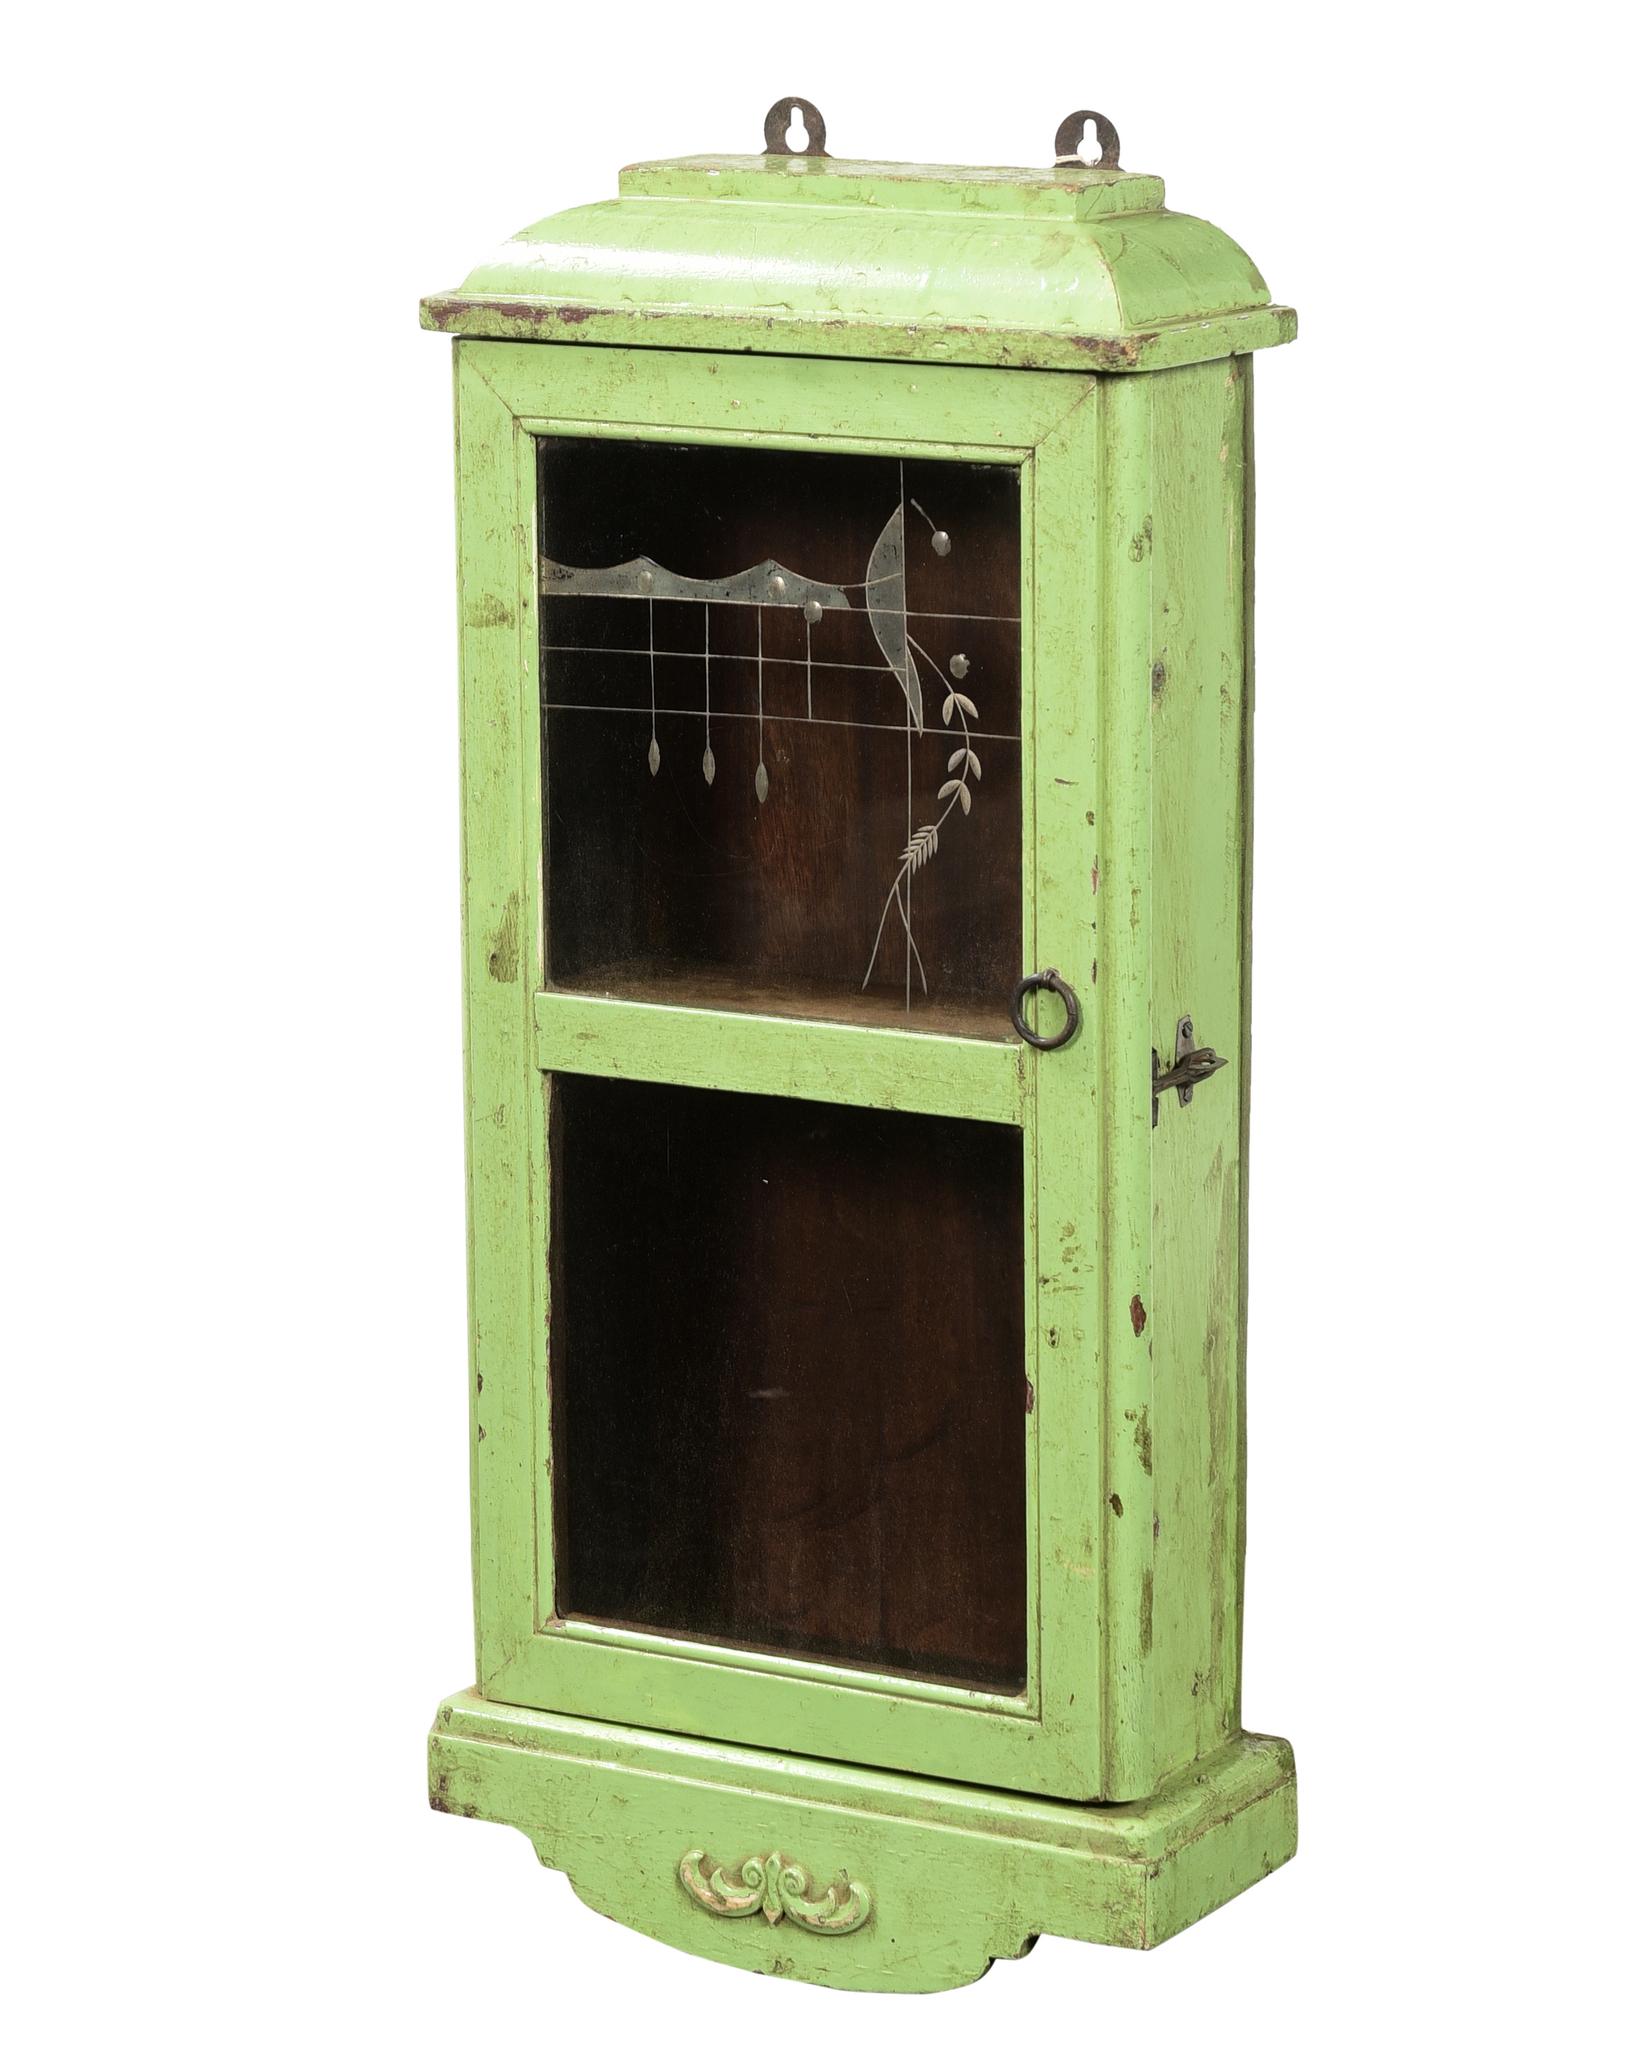 Väggskåp i grönt med slipat glas